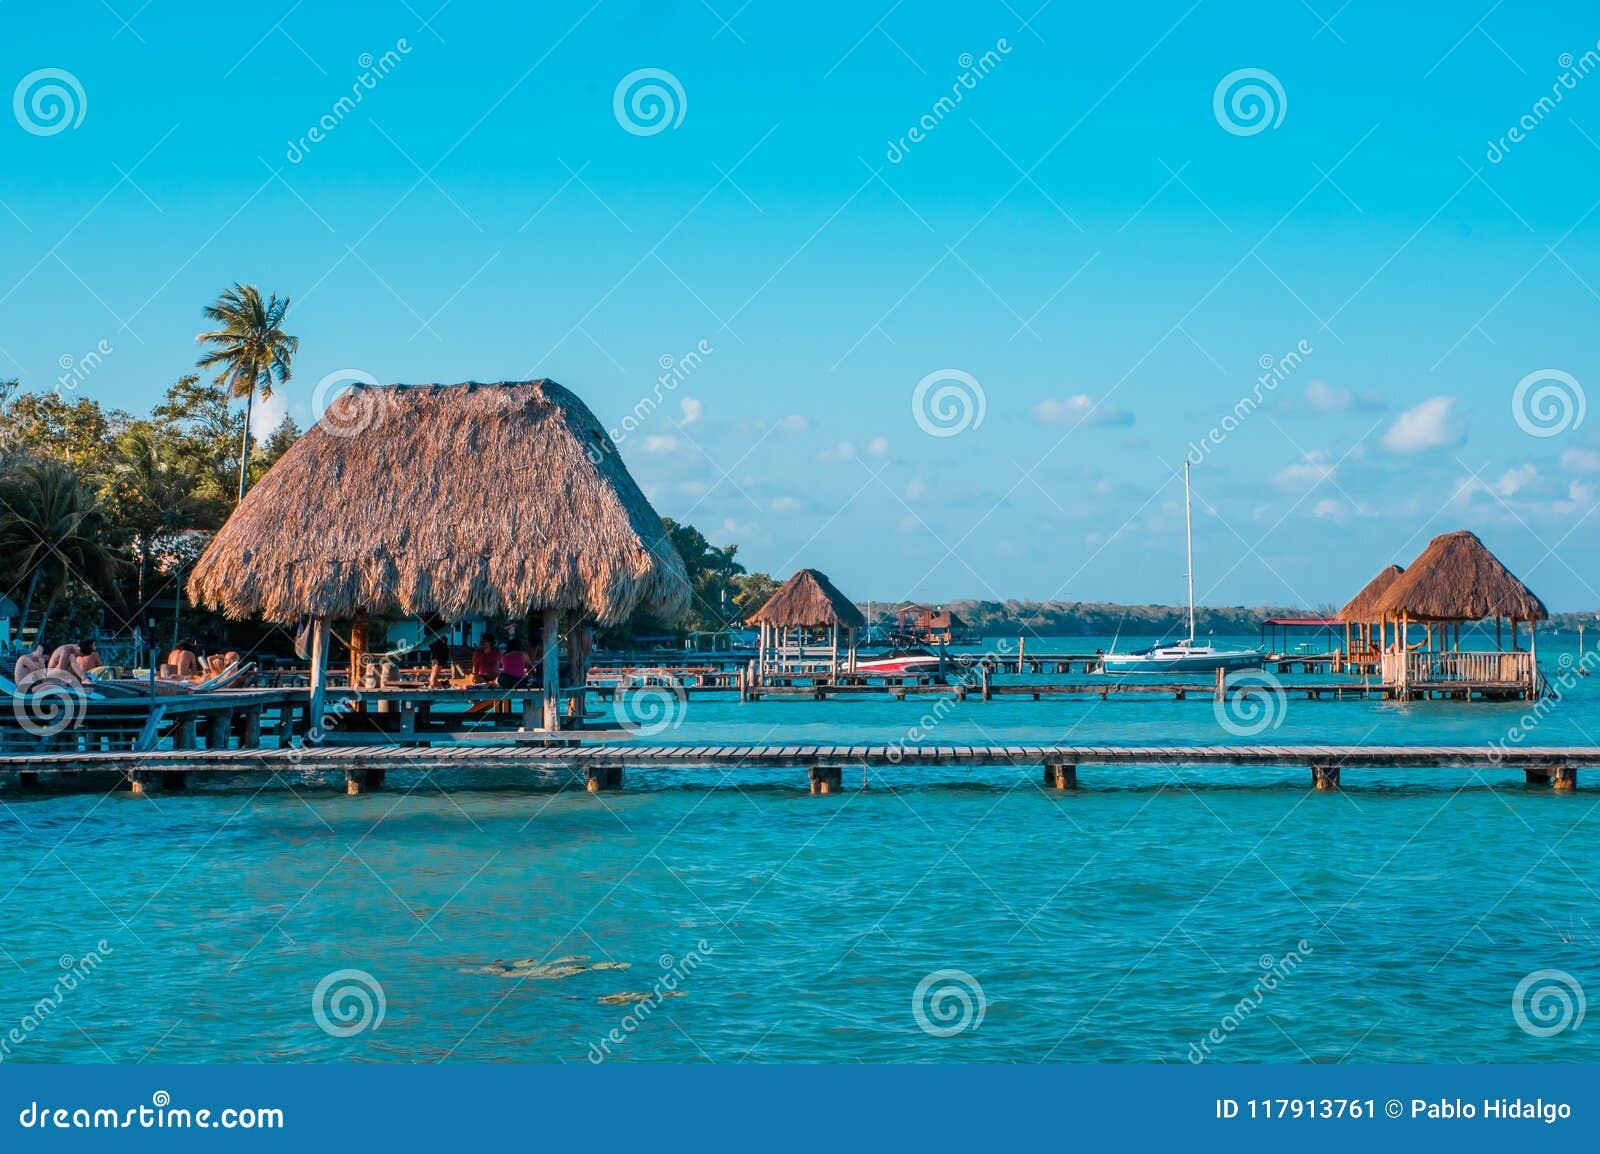 De kleur sorteerde beeld van een pijler met wolken en blauw water in Laguna Bacalar, Chetumal, Quintana Roo, Mexico